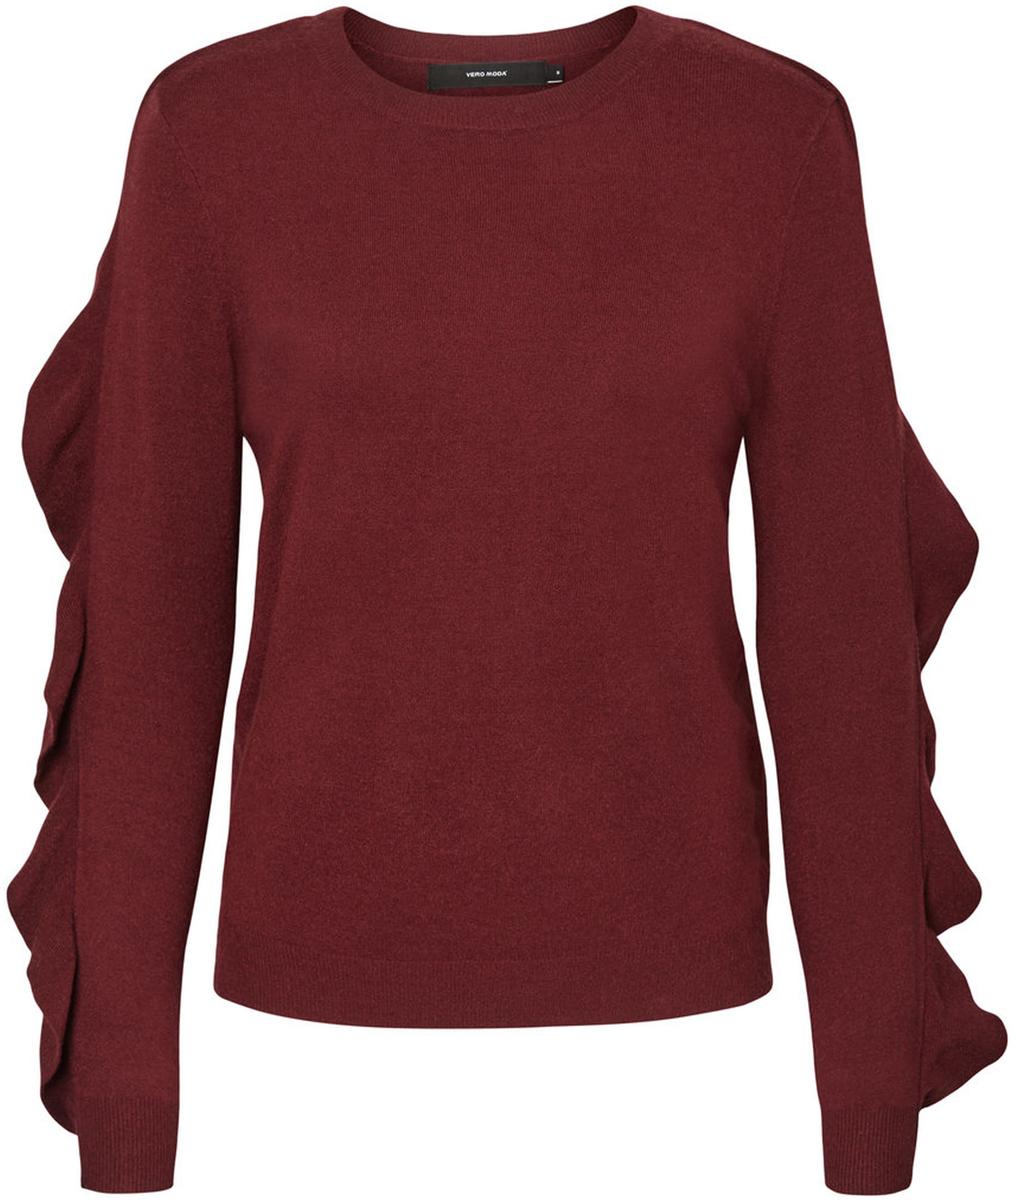 Джемпер женский Vero Moda, цвет: бордовый. 10185482_Zinfandel. Размер S (42/44)10185482_ZinfandelДжемпер женский Vero Moda выполнен из качественного материала. Модель с круглым вырезом горловины и длинными рукавами.